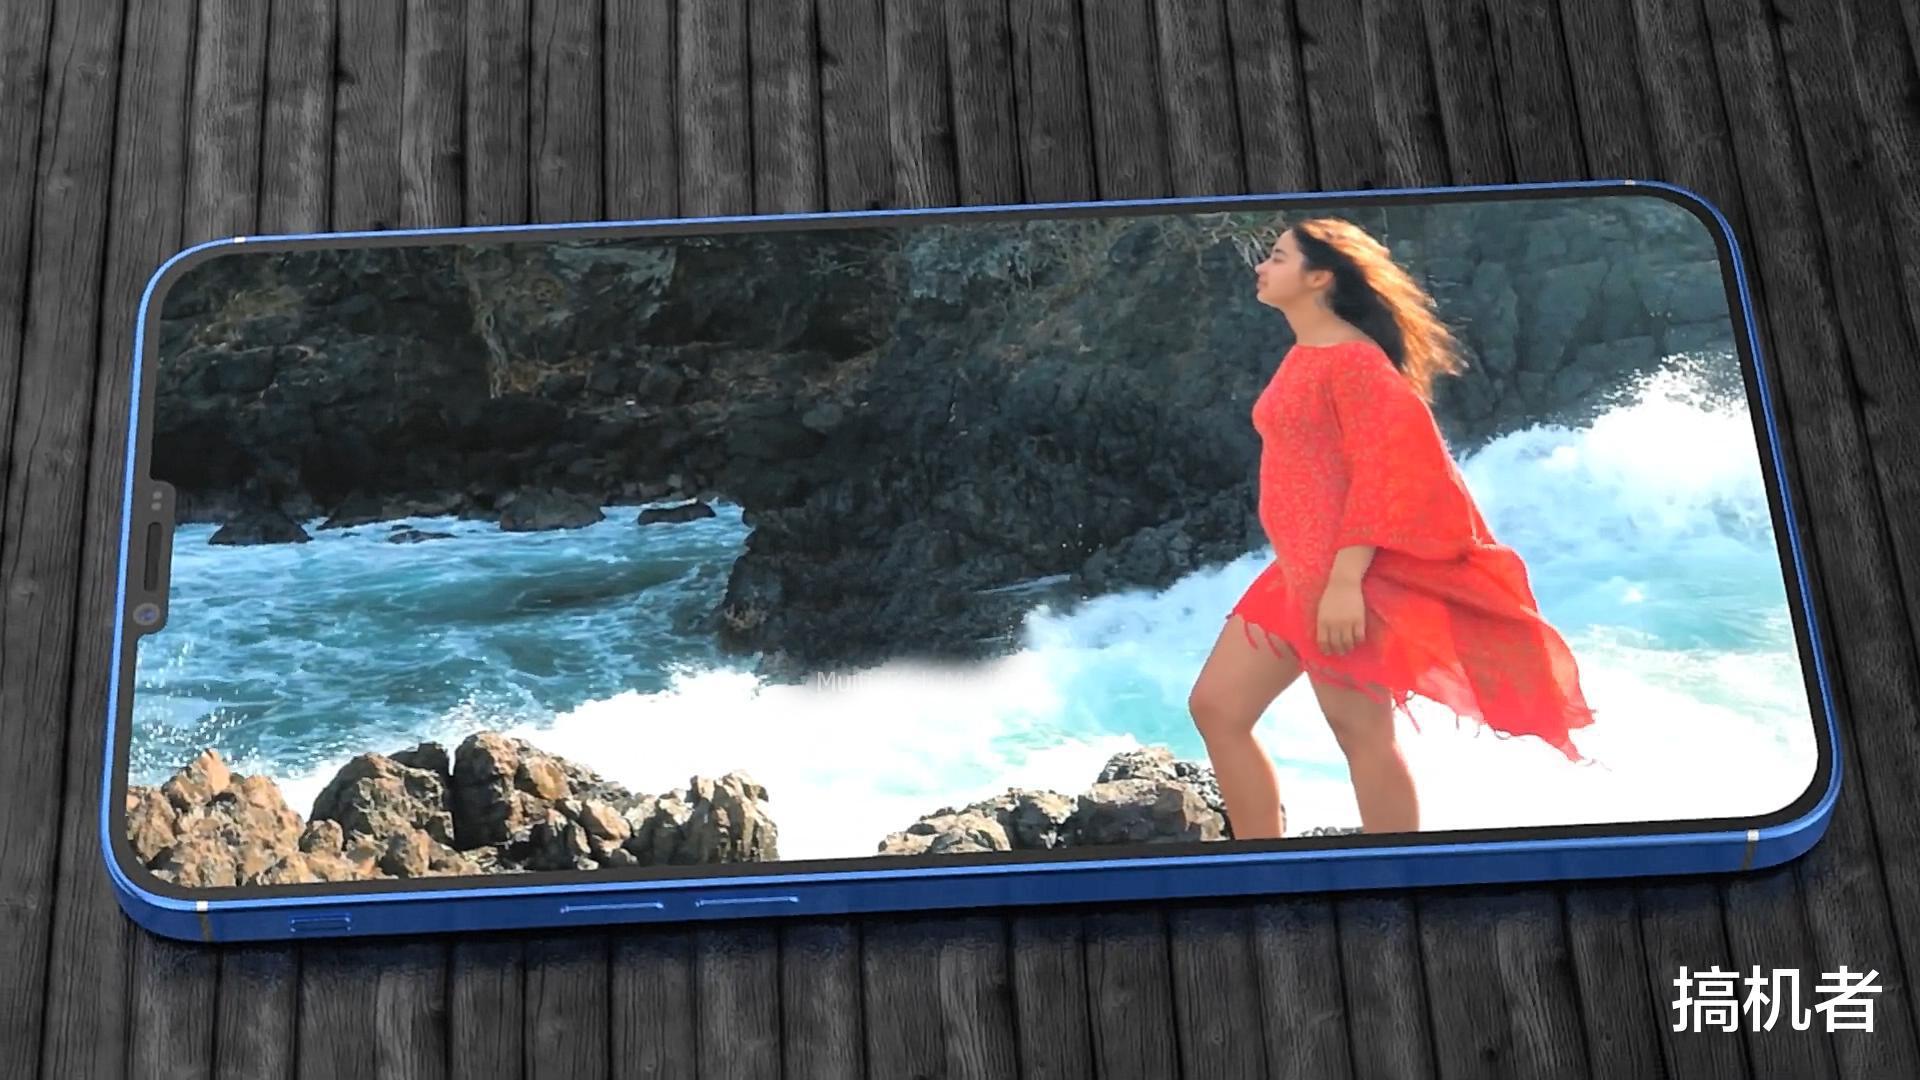 这些变化让iPhone13Pro发布,你觉得卖多少钱合适呢? 好物评测 第6张